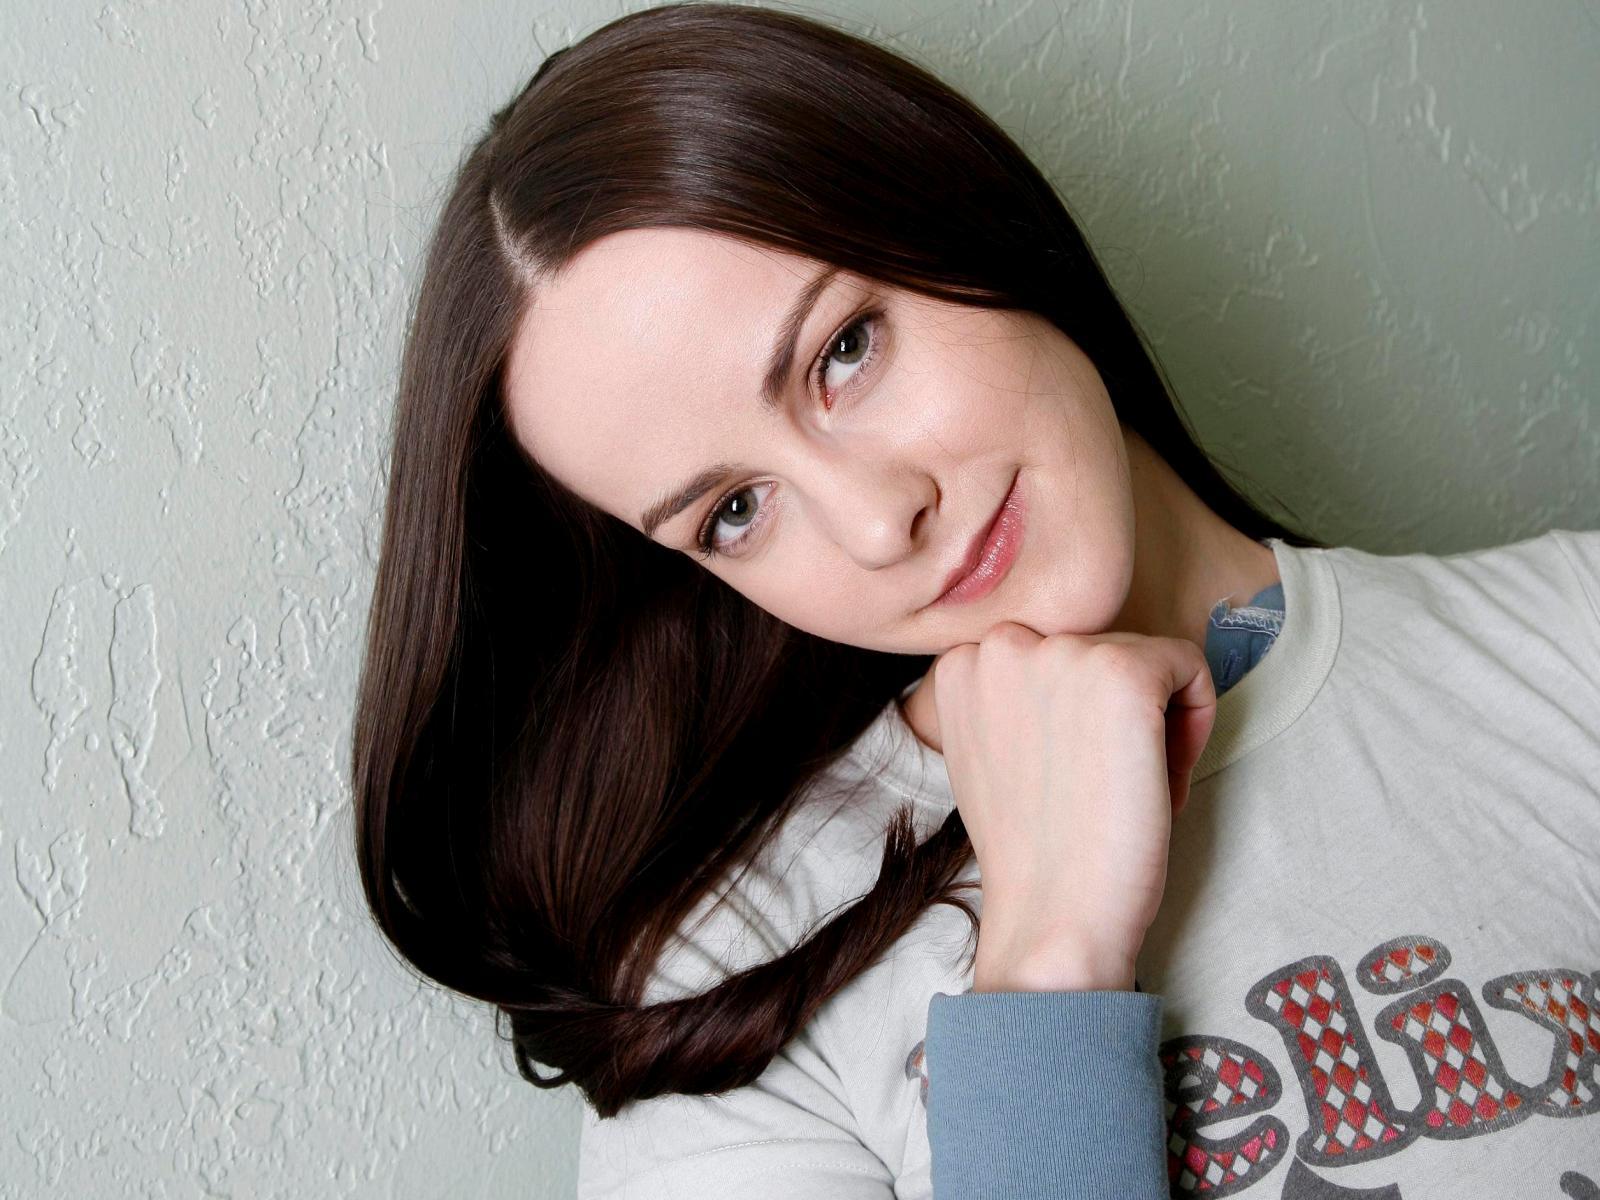 jena malone actress computer wallpaper 56076